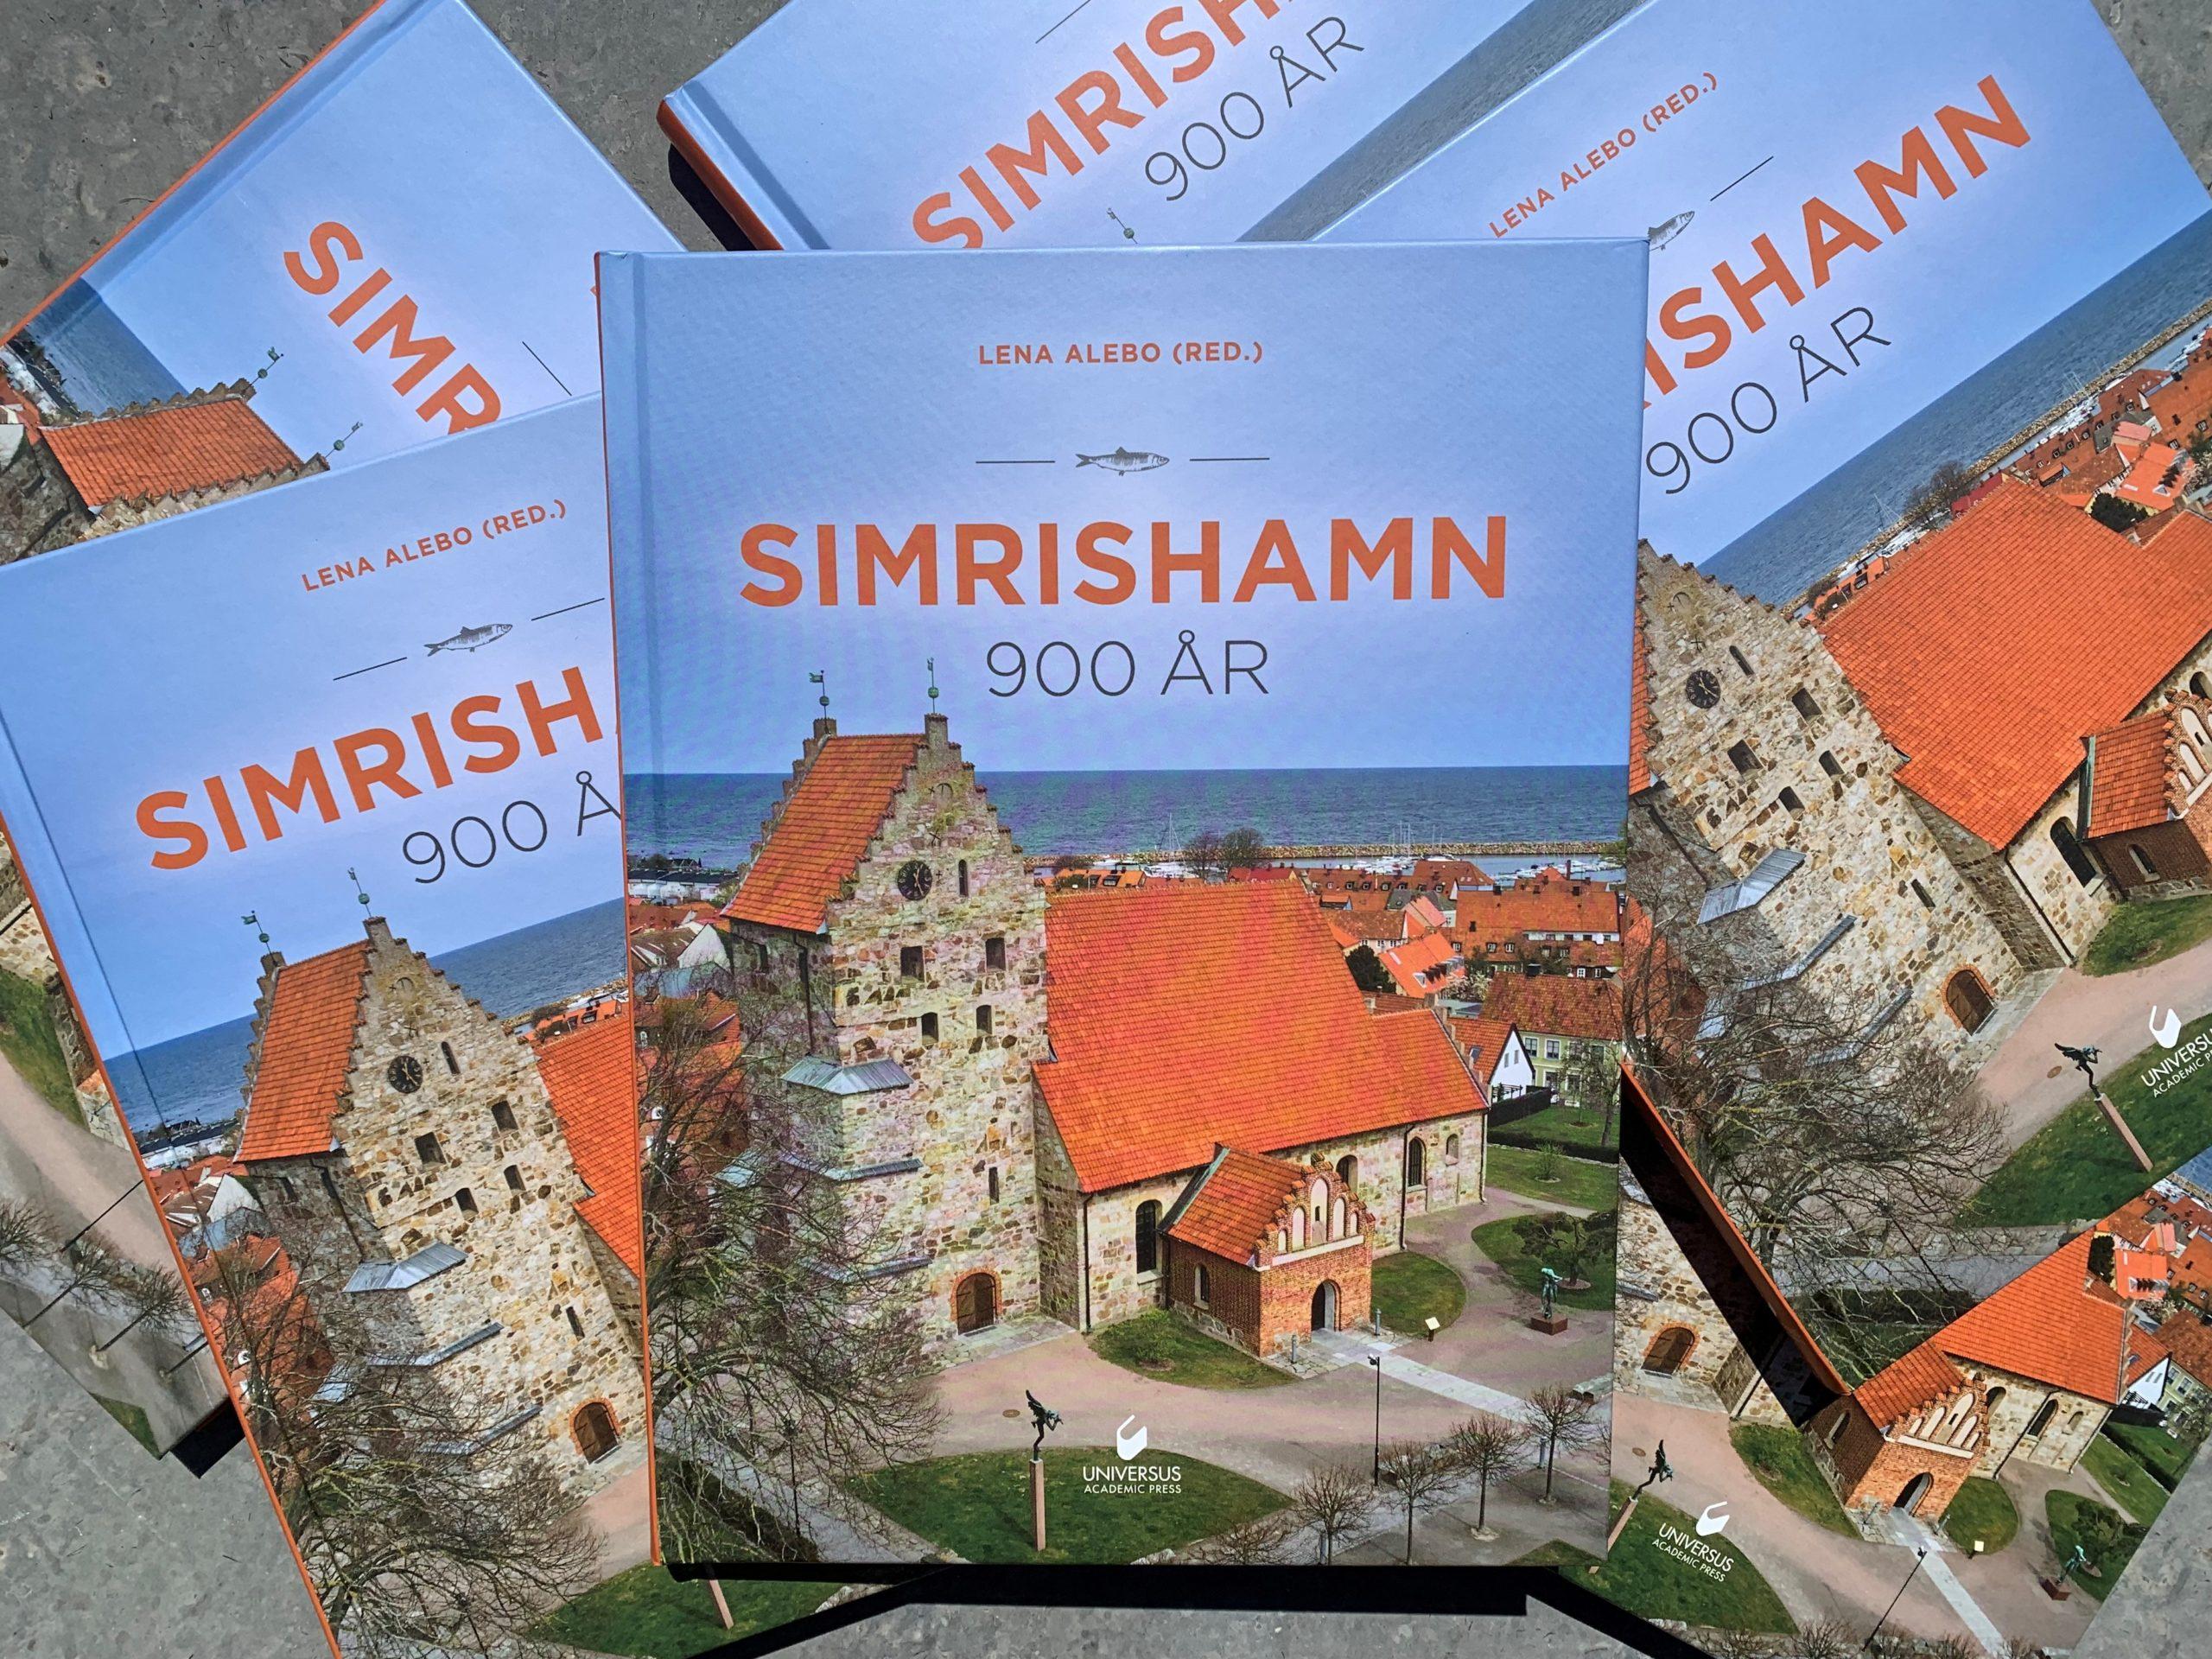 Book release: simrishamn 900 years